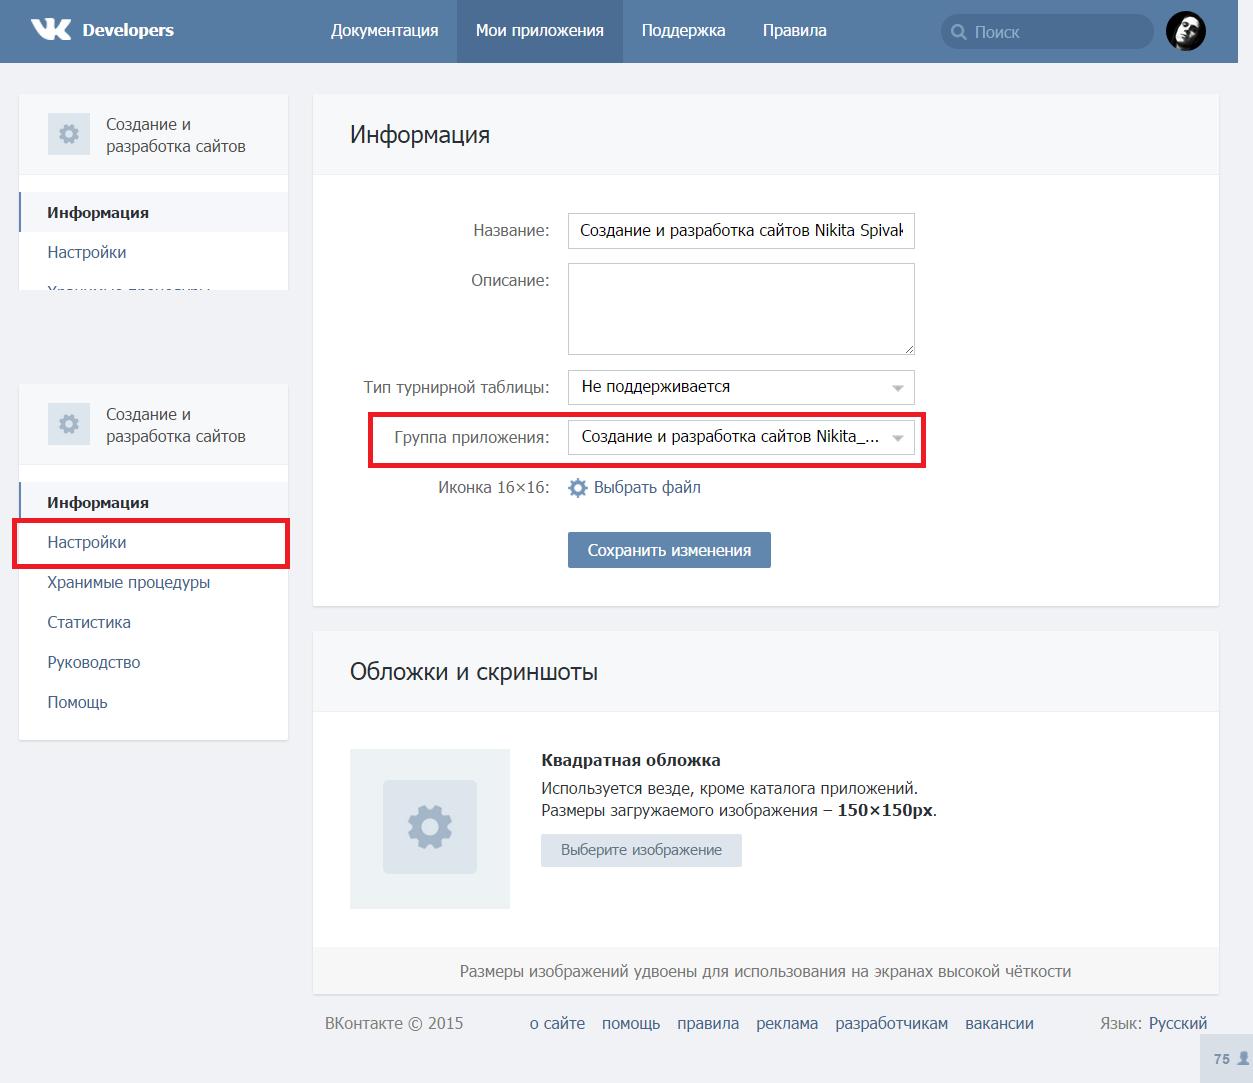 Создание приложений для авторизации через социальные сети - Вконтакте 4